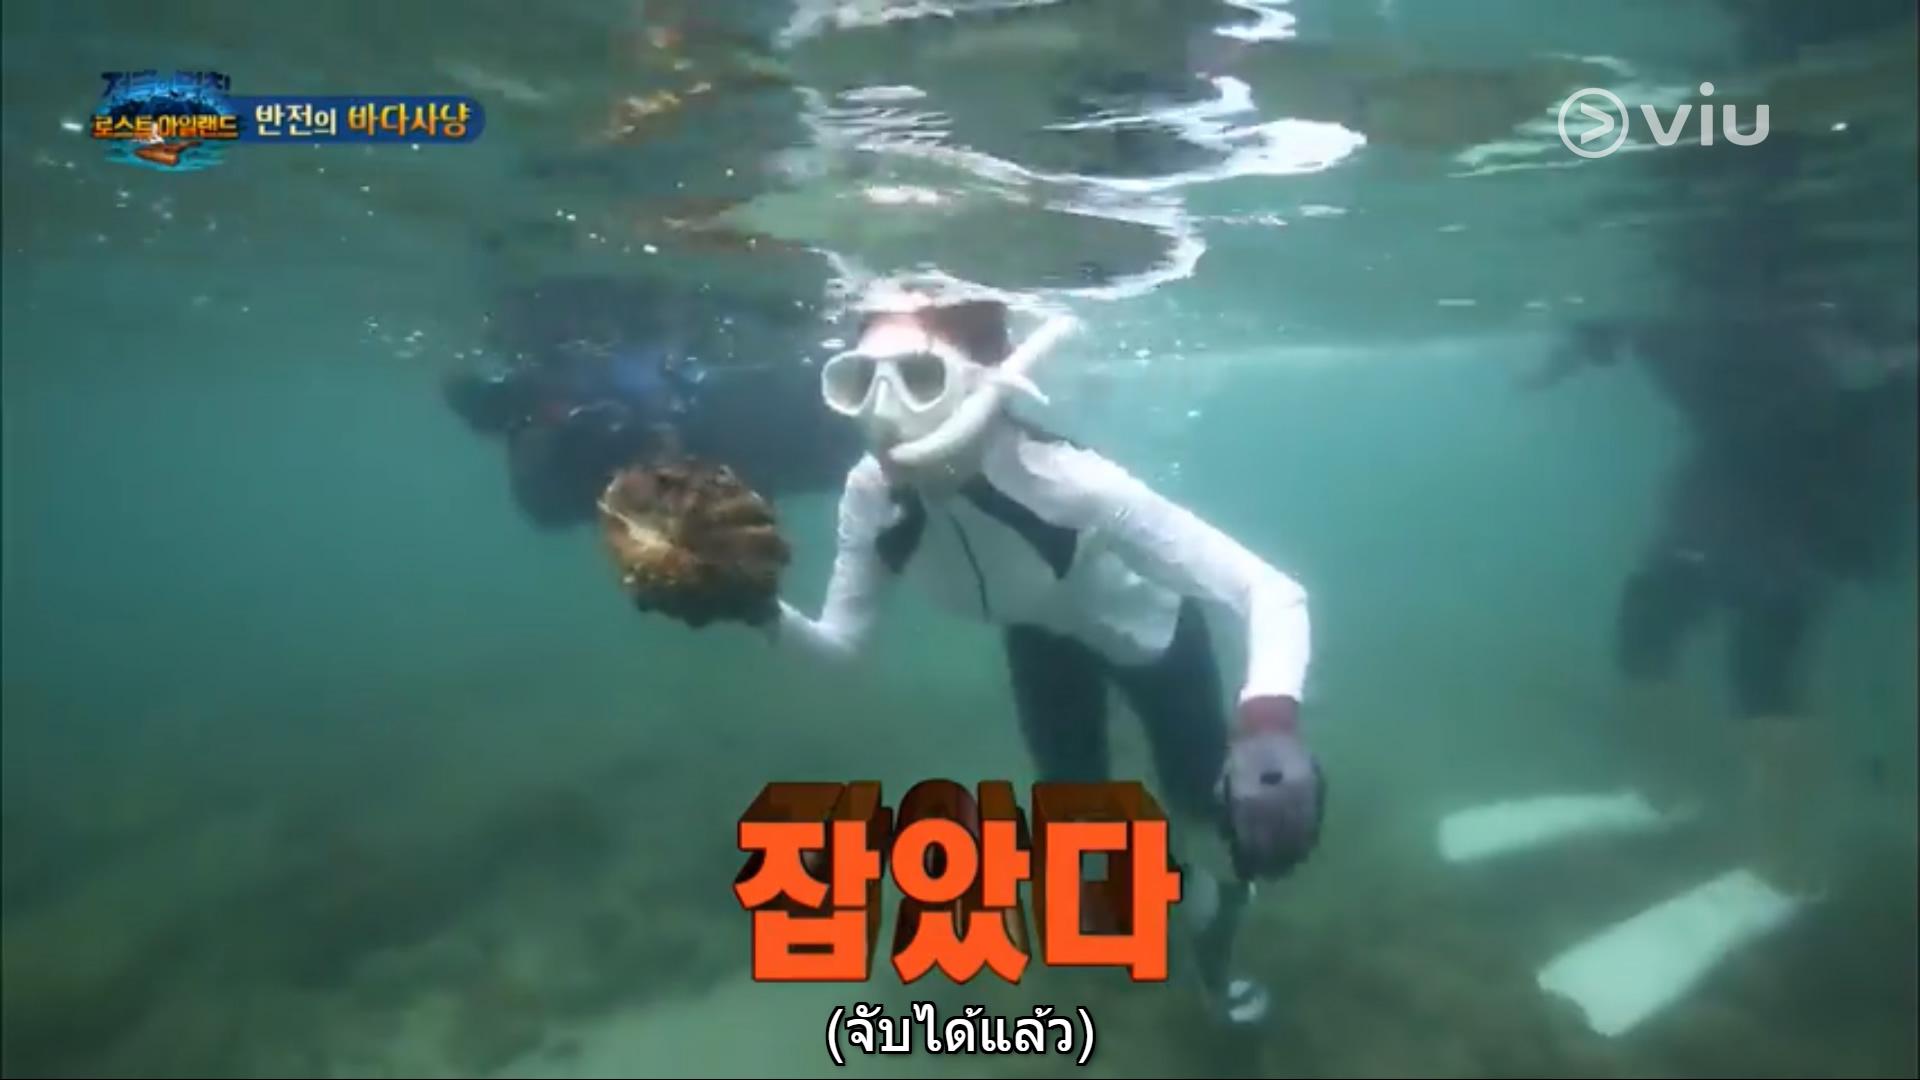 韓国のTV番組、タイで絶滅危惧種のオオシャコガイを捕獲して食べる